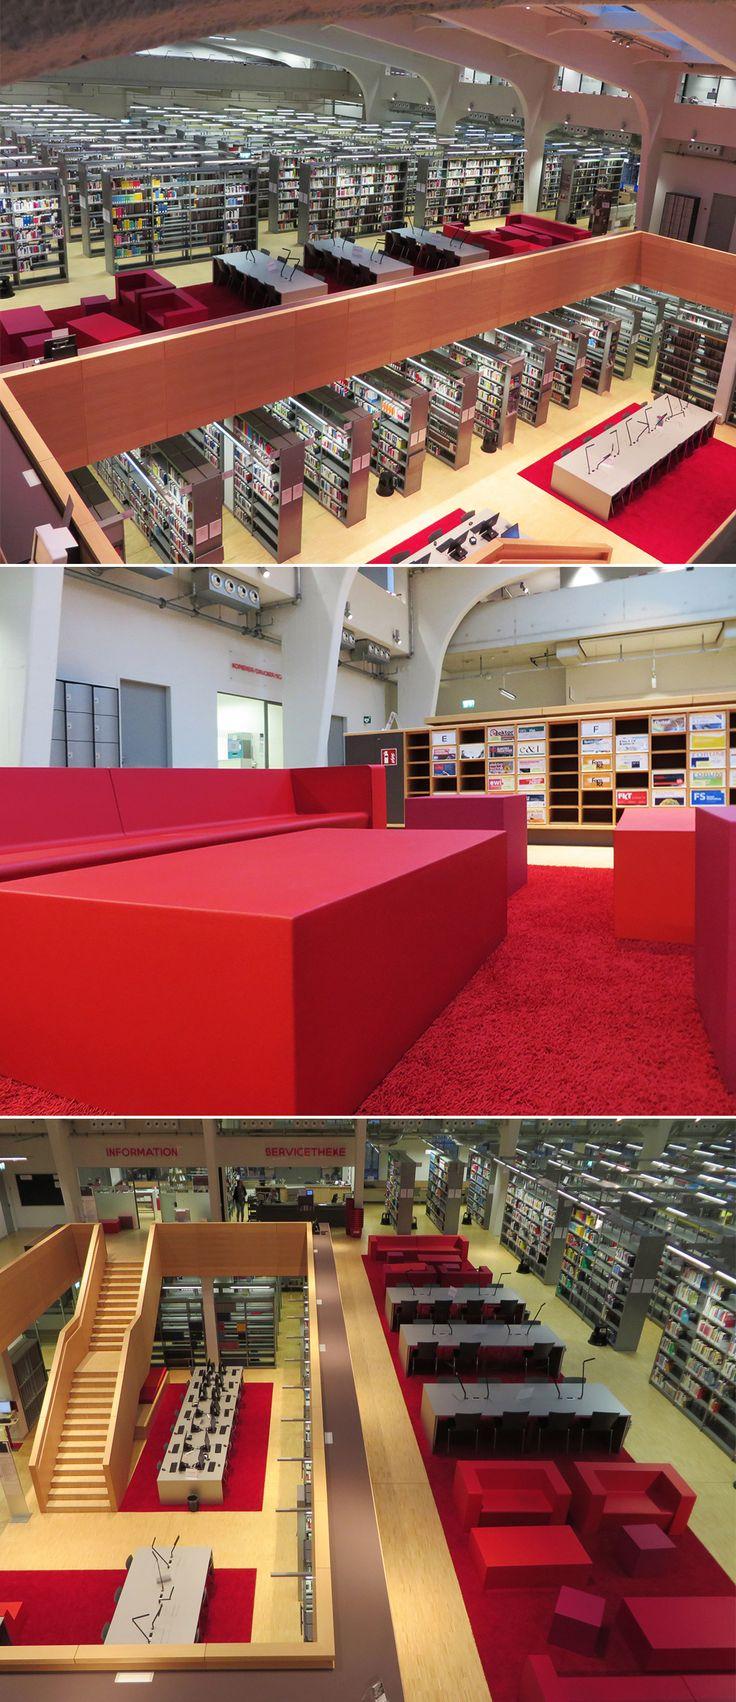 Grau ist alle #Theorie? Nicht in der #Düsseldorfer Uni-Bibliothek, wo farbenfrohe Möbel zusammen mit unserer LOFT eine willkommene Abwechslung bieten. Schick! © TOUCAN-T #teppich #teppichboden #akustik #buero http://www.toucan-t.de/de/produkte/produkte  Gray is all theory? Düsseldorf's university library shows the opposite, where colorful furniture and our LOFT offer a welcome change. Fancy! © TOUCAN-T #office #carpet #acoustics http://www.toucan-t.de/en/products/products